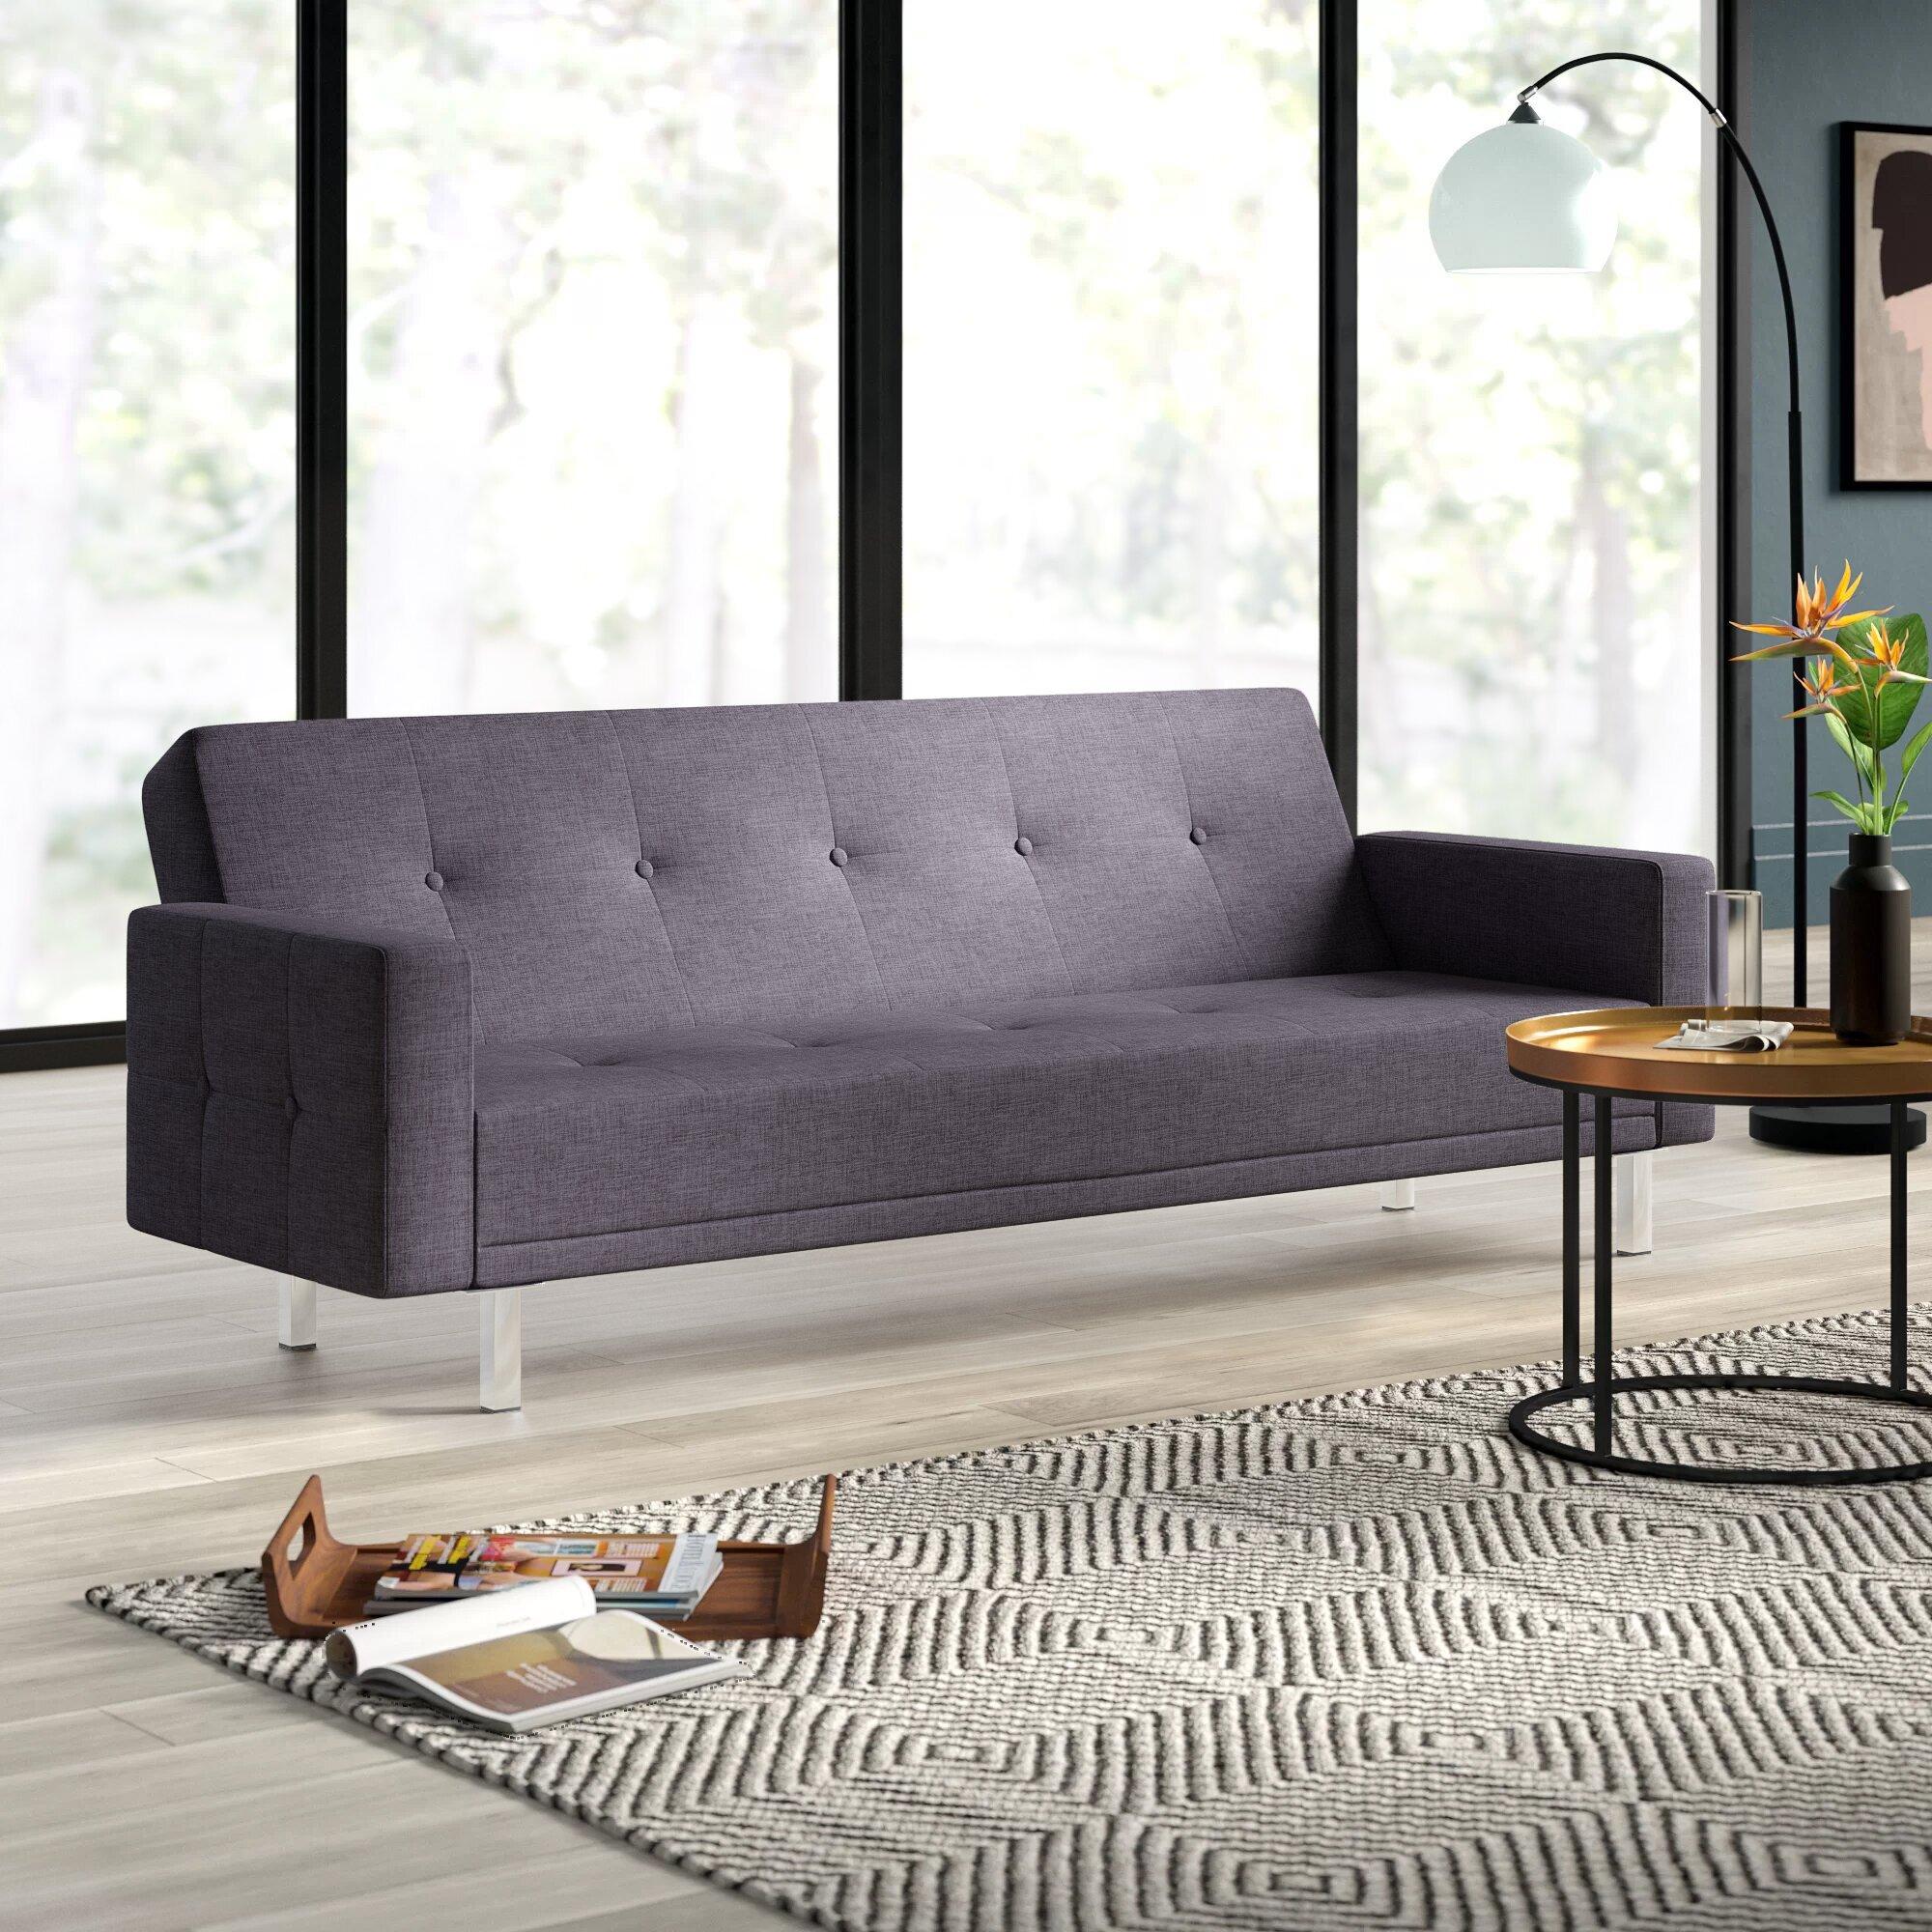 Superb Mercury Row Armas Sleeper Reviews Wayfair Bralicious Painted Fabric Chair Ideas Braliciousco